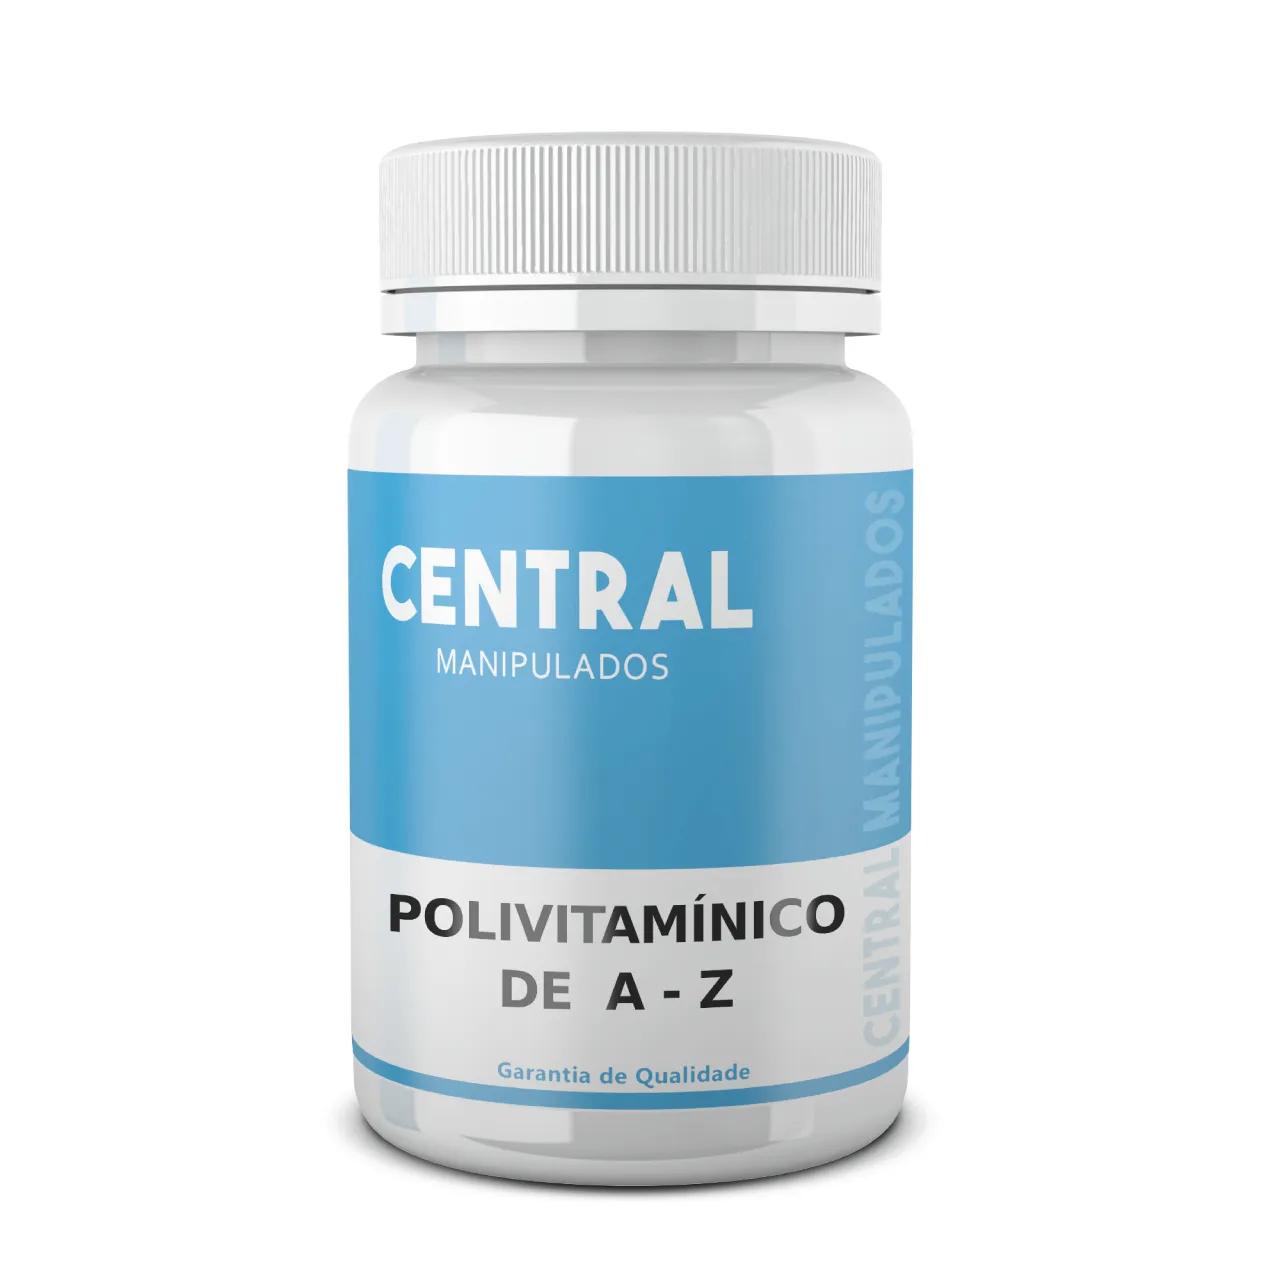 Central Polivitamínico A-Z - 180 cápsulas - complexo vitamínico Central Manipulados